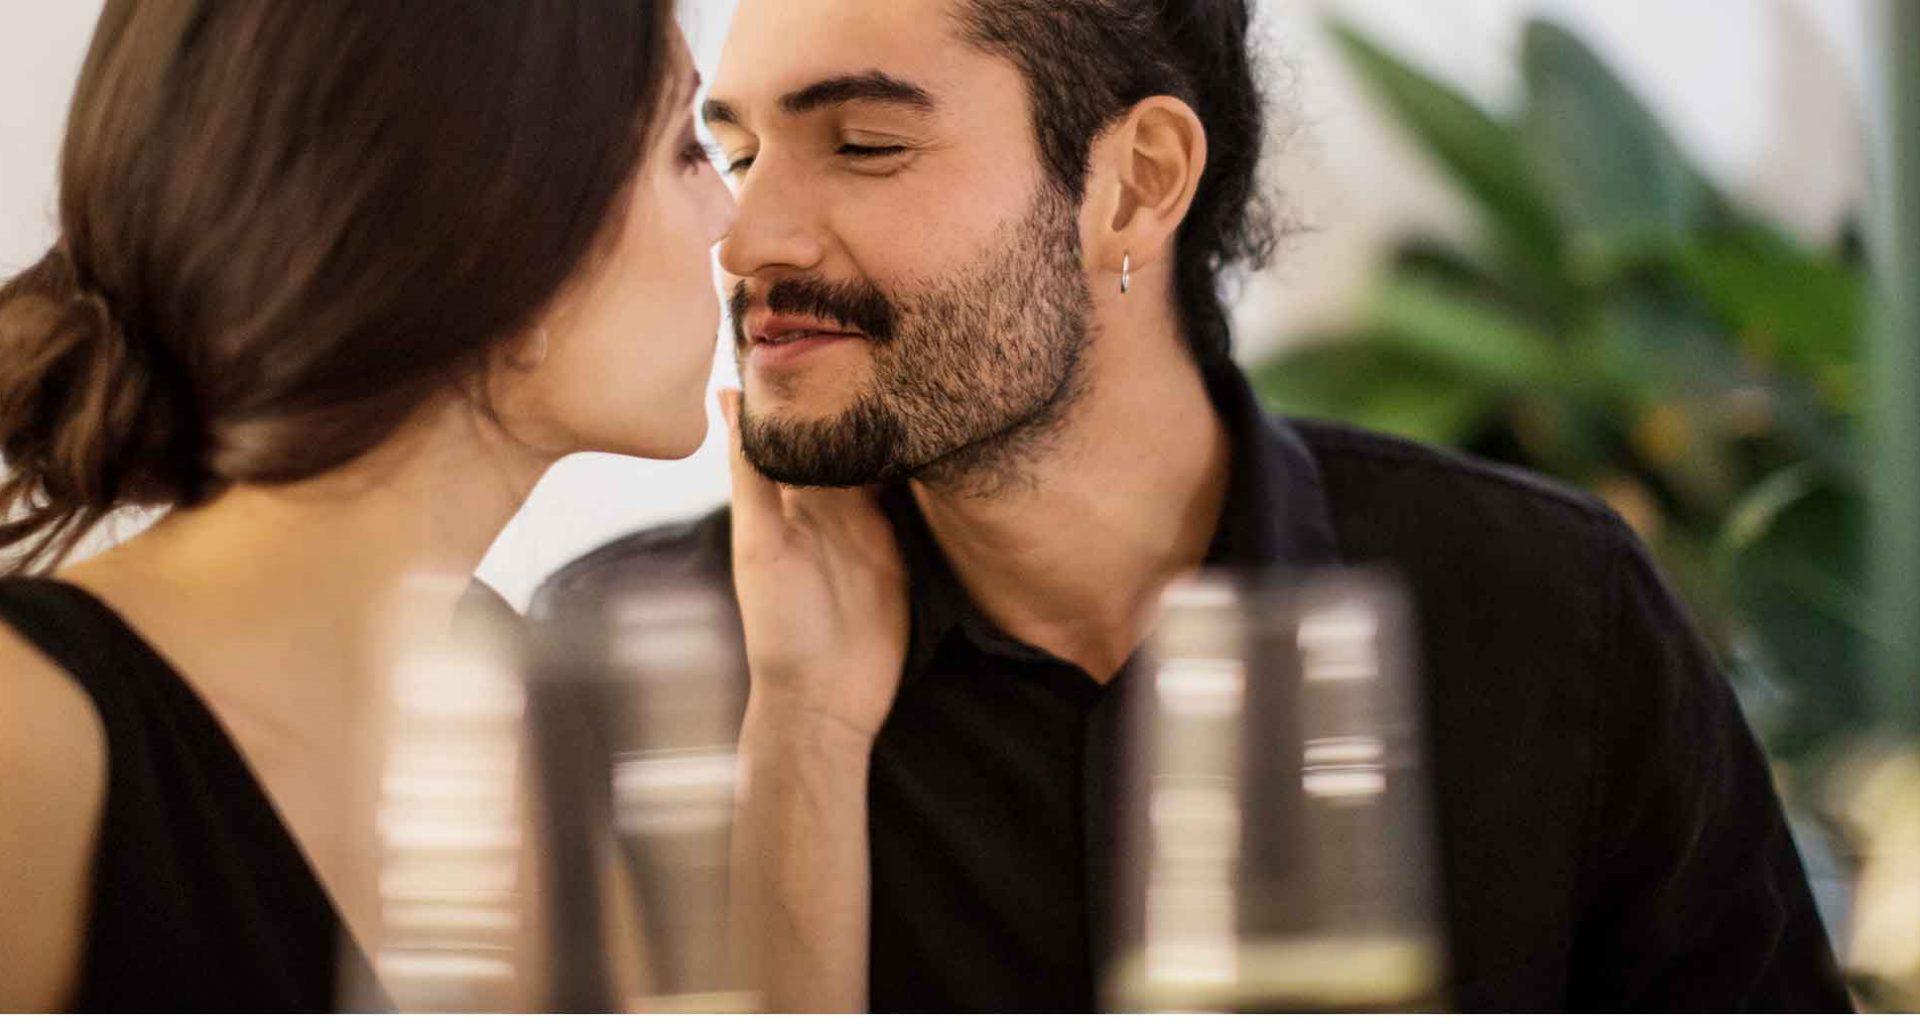 der magische erste Kuss